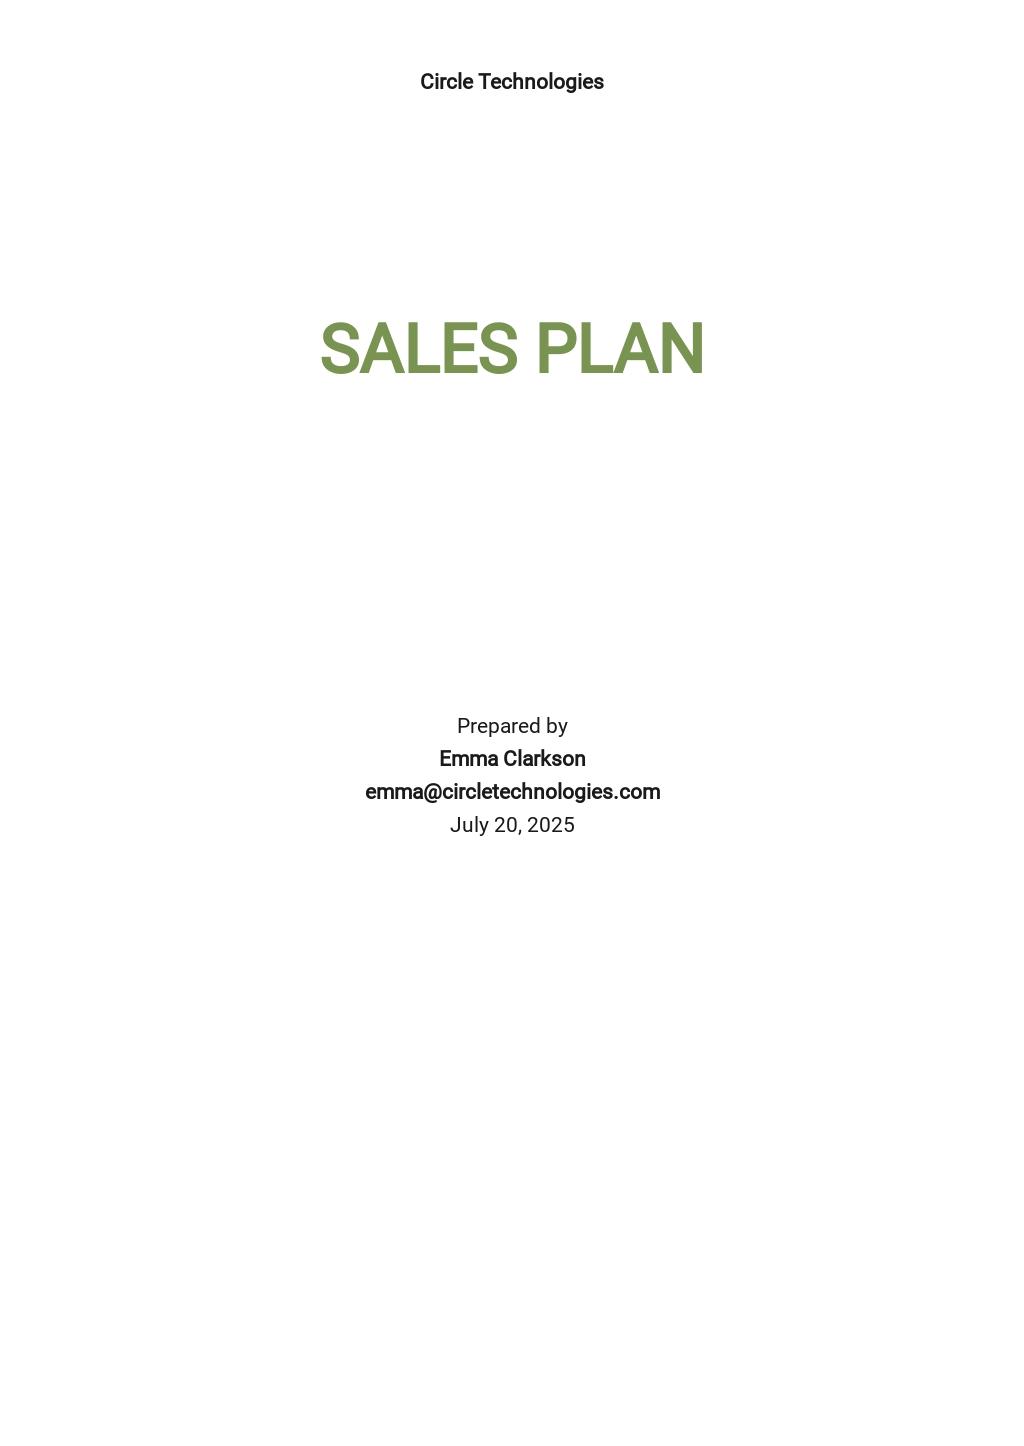 SaaS Sales Plan Template